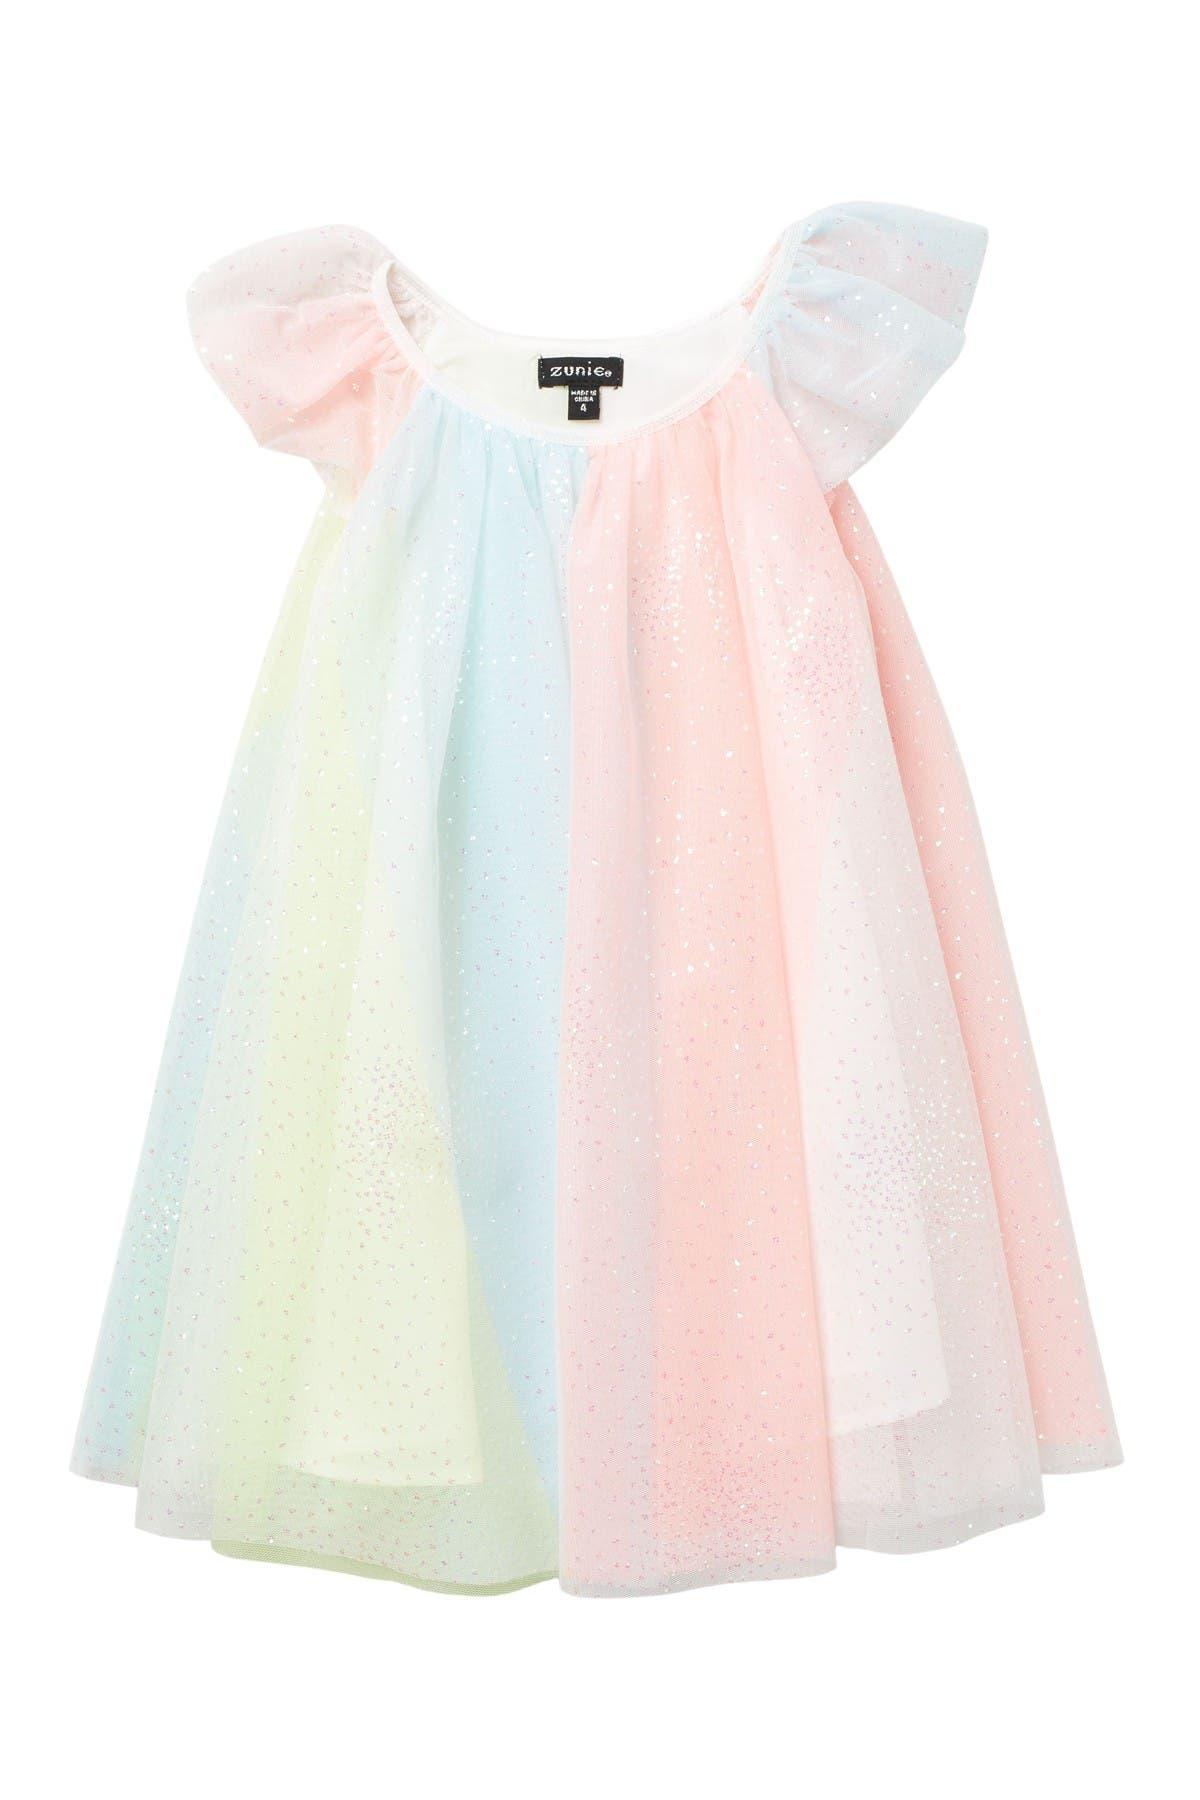 Zunie Flutter Sleeve Rainbow Float Dress